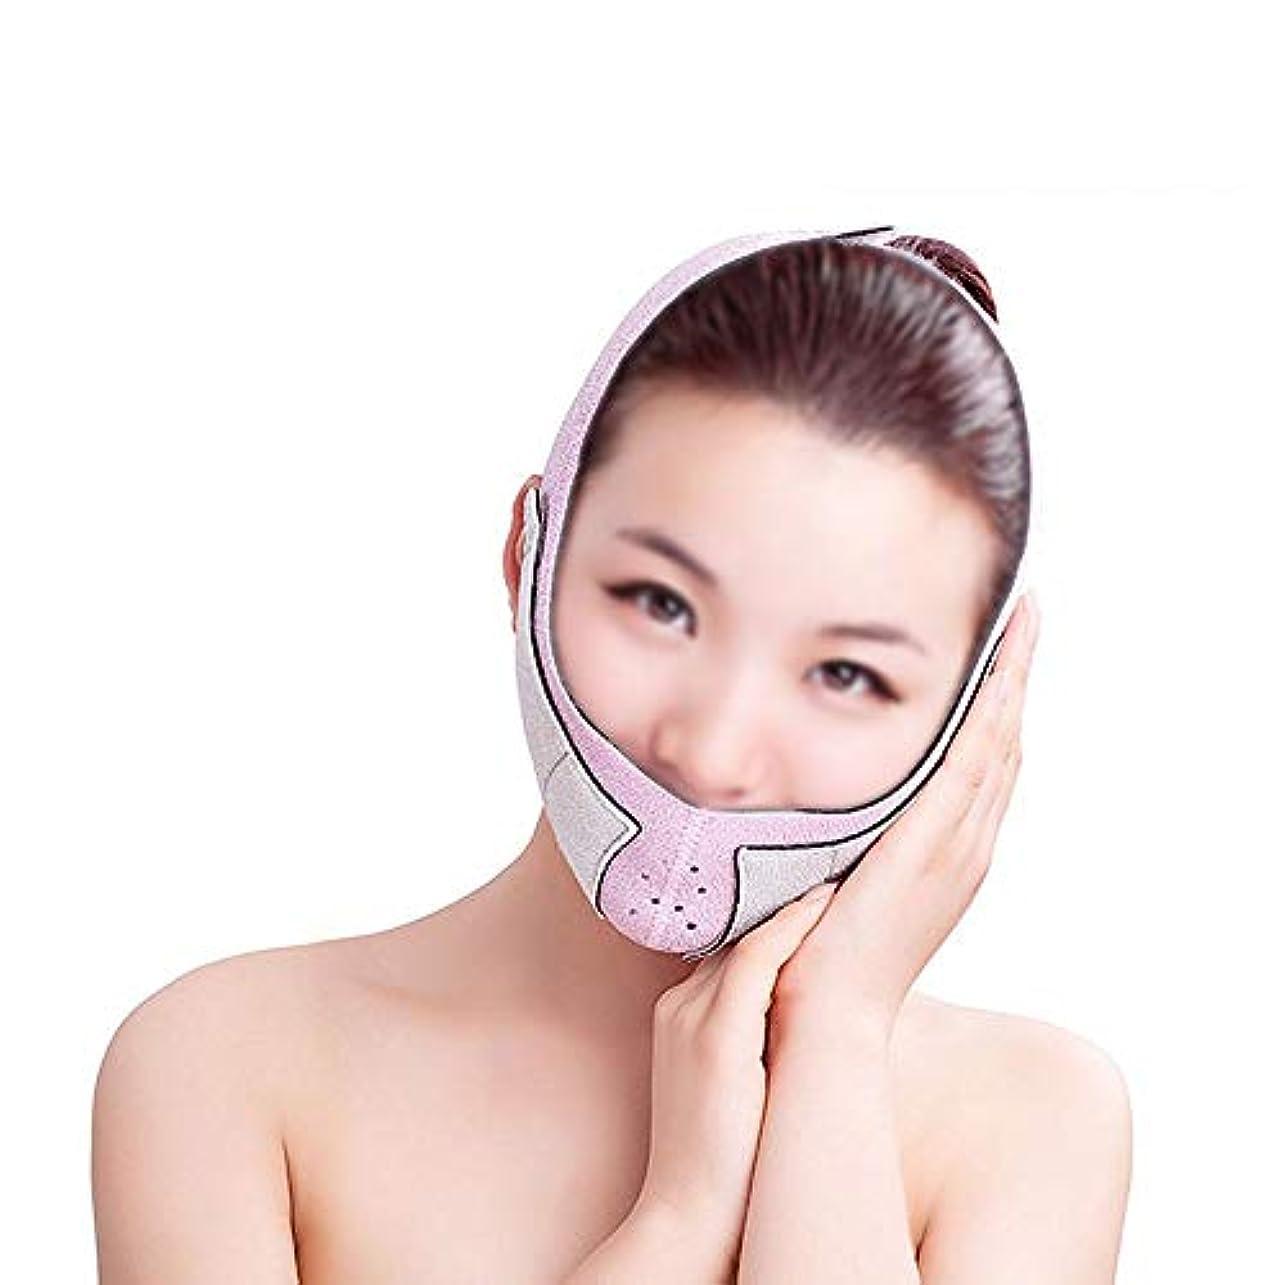 掃除ファントムシャックルGLJJQMY 薄い顔マスク痩身ベルト薄い顔マスク強力なアップグレード小さいV顔薄い顔包帯美容顔デバイス 顔用整形マスク